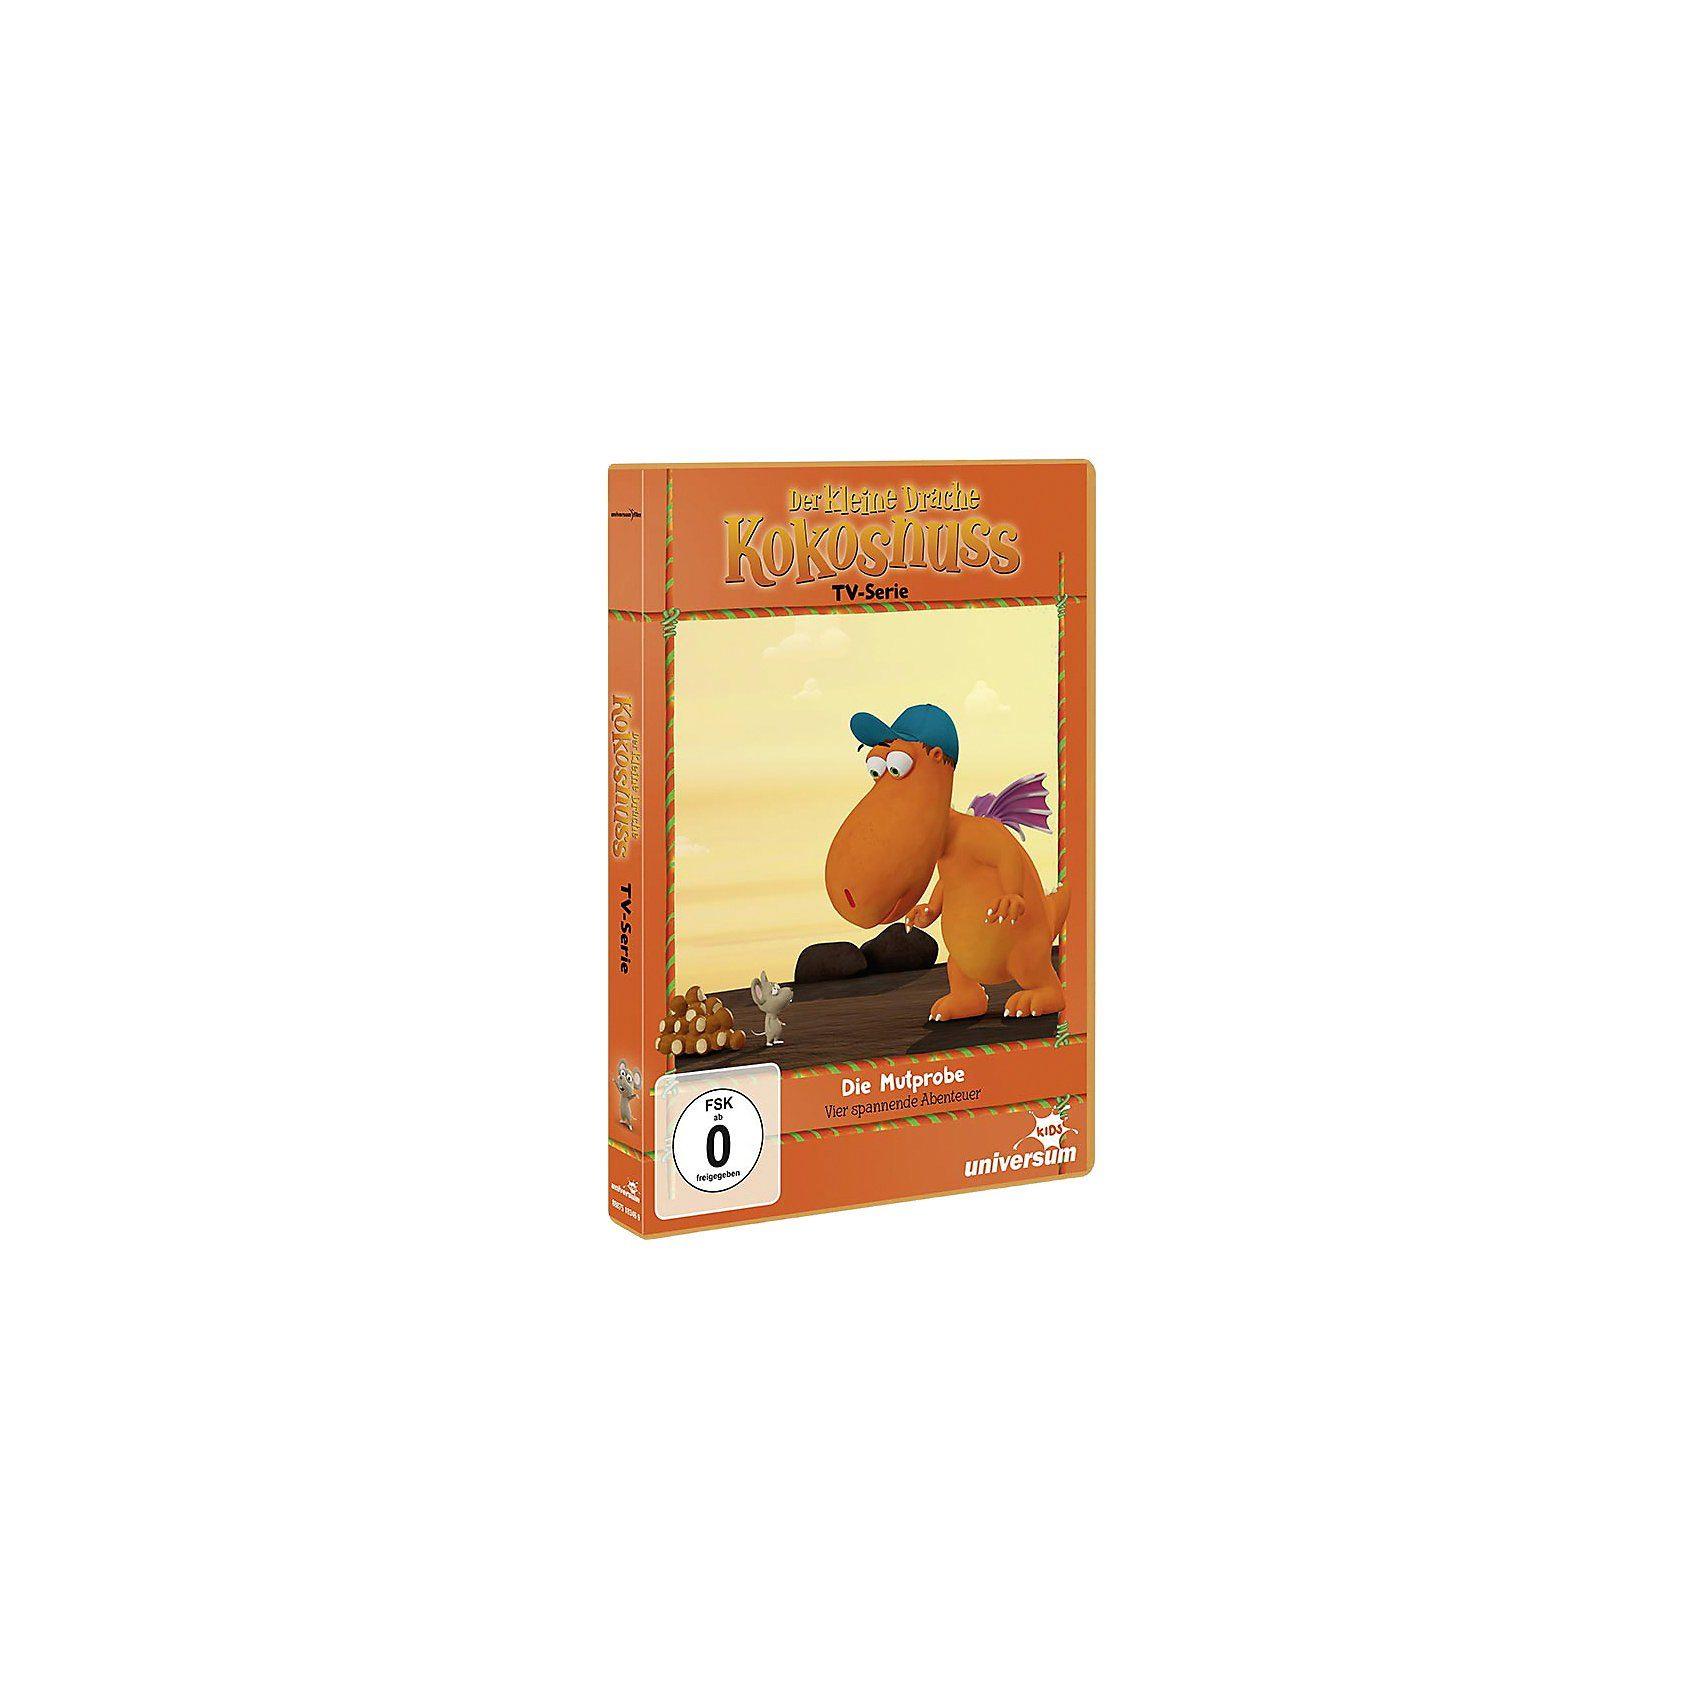 DVD Der kleine Drache Kokosnuss 11 - Die Mutprobe